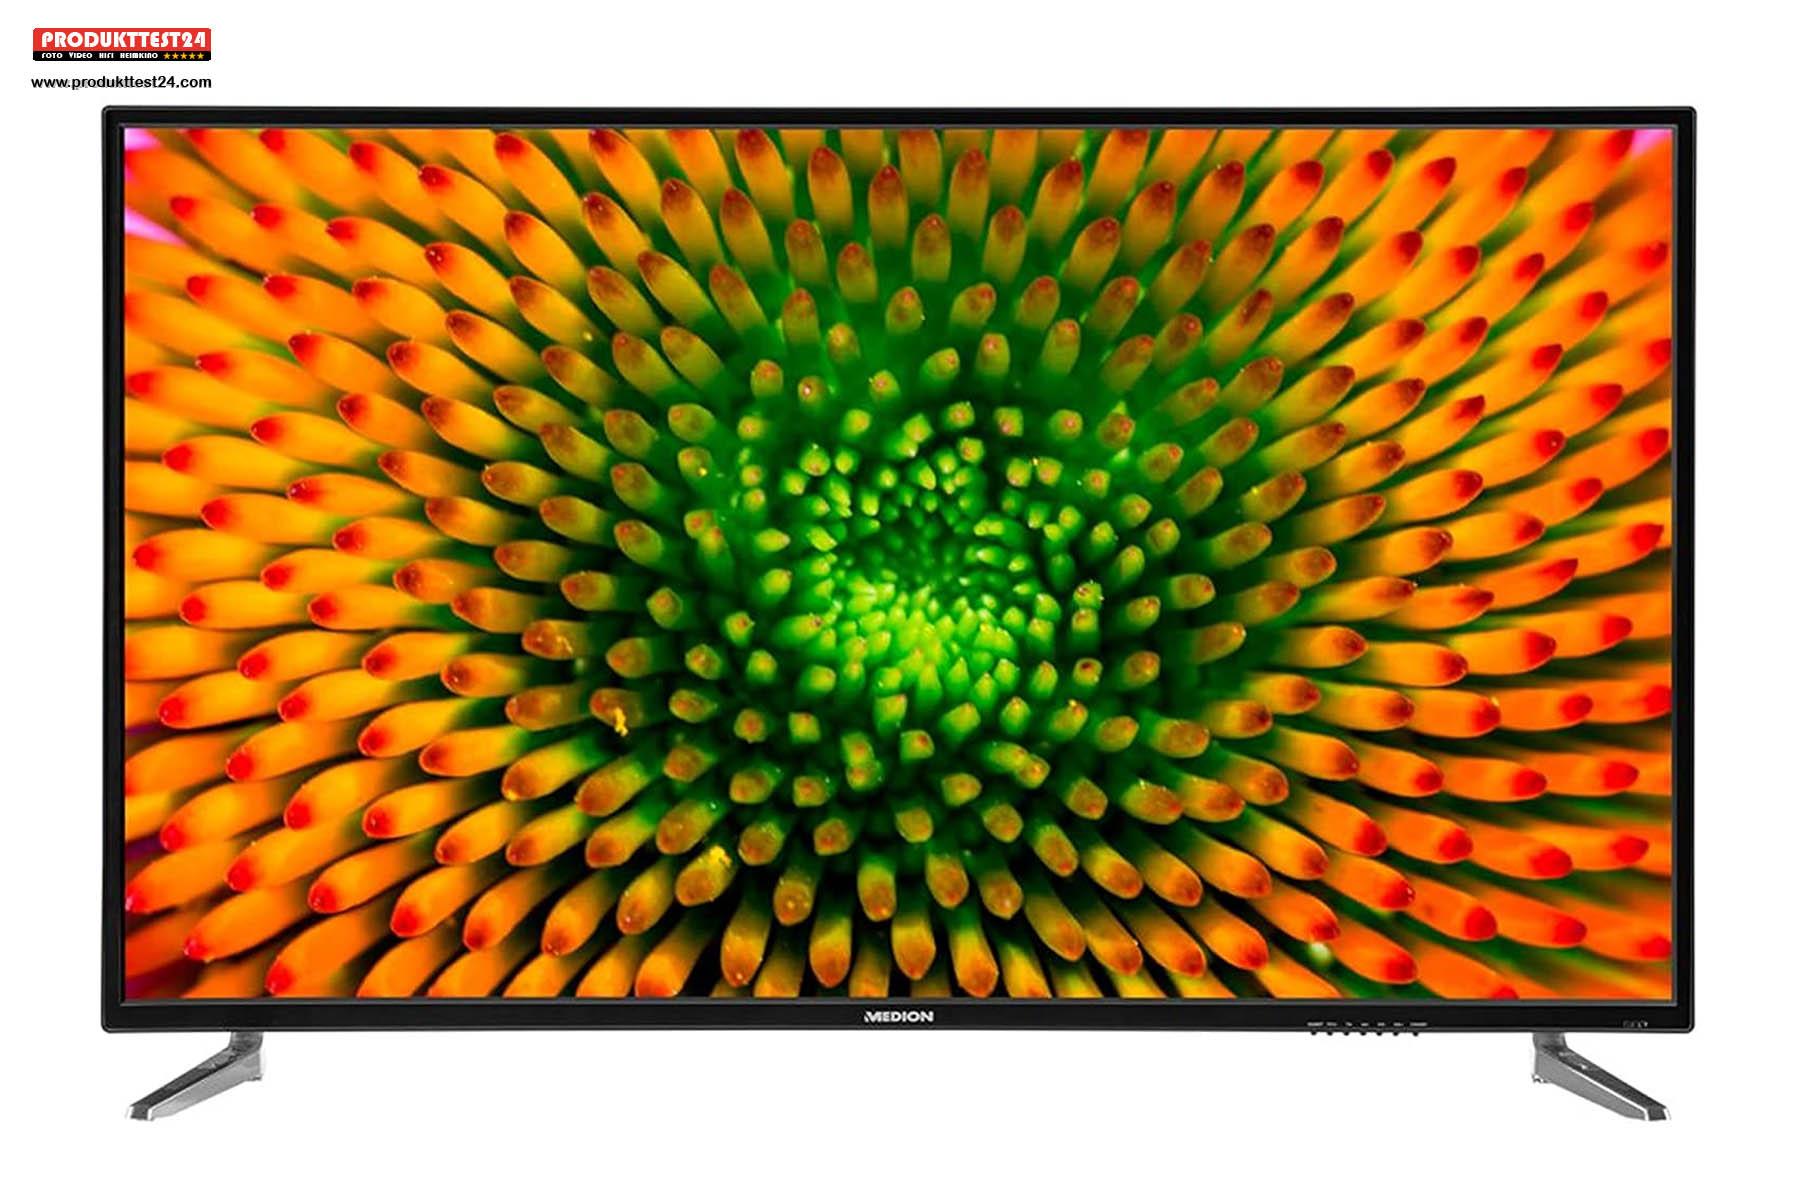 50 Zoll / 126 cm Bilddiagonale und 4K UHD Auflösung